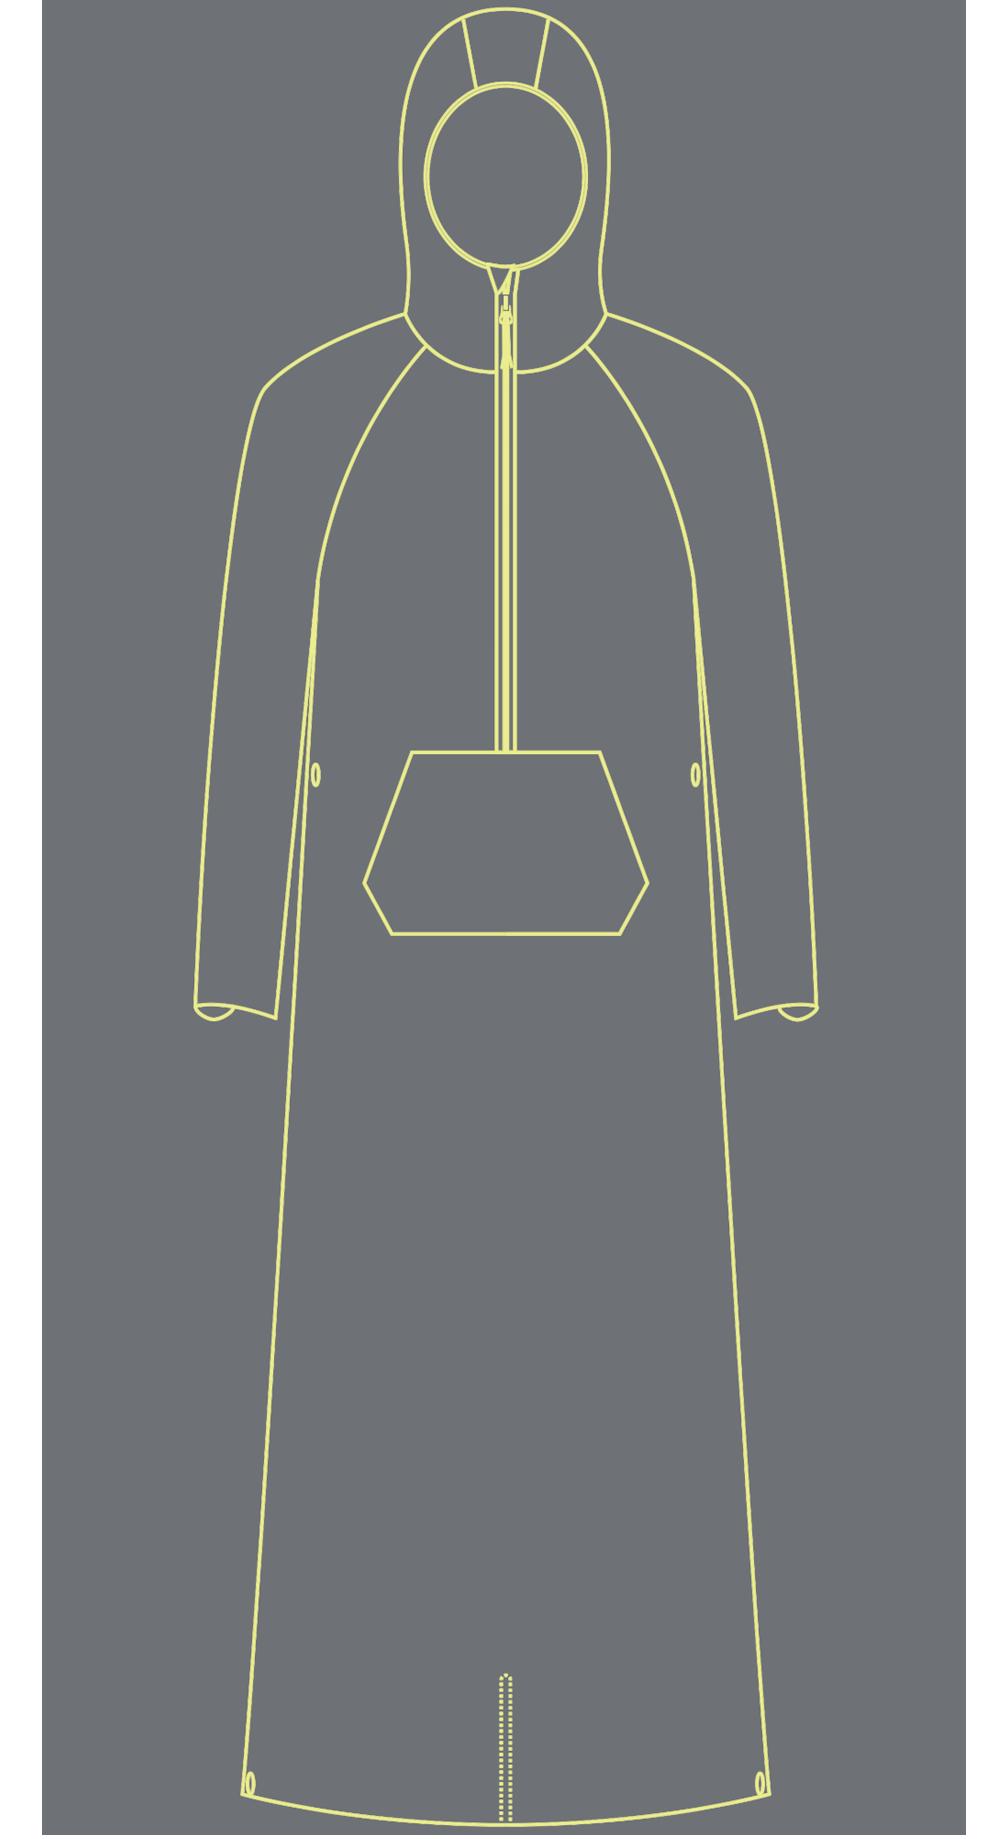 Unightie Schematic not a Sleeping bag liner